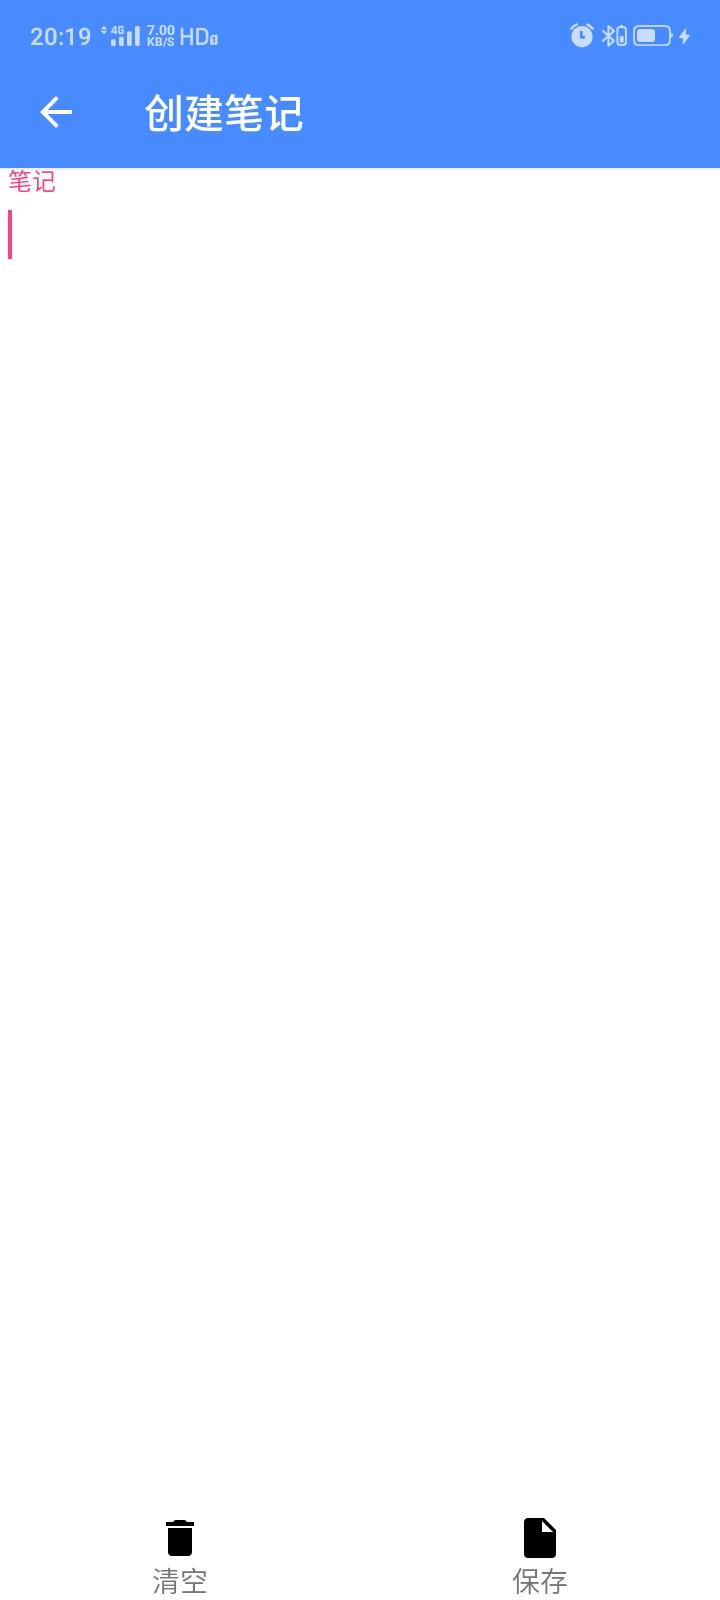 【原创开发】简洁便签/更新V1.2-爱小助